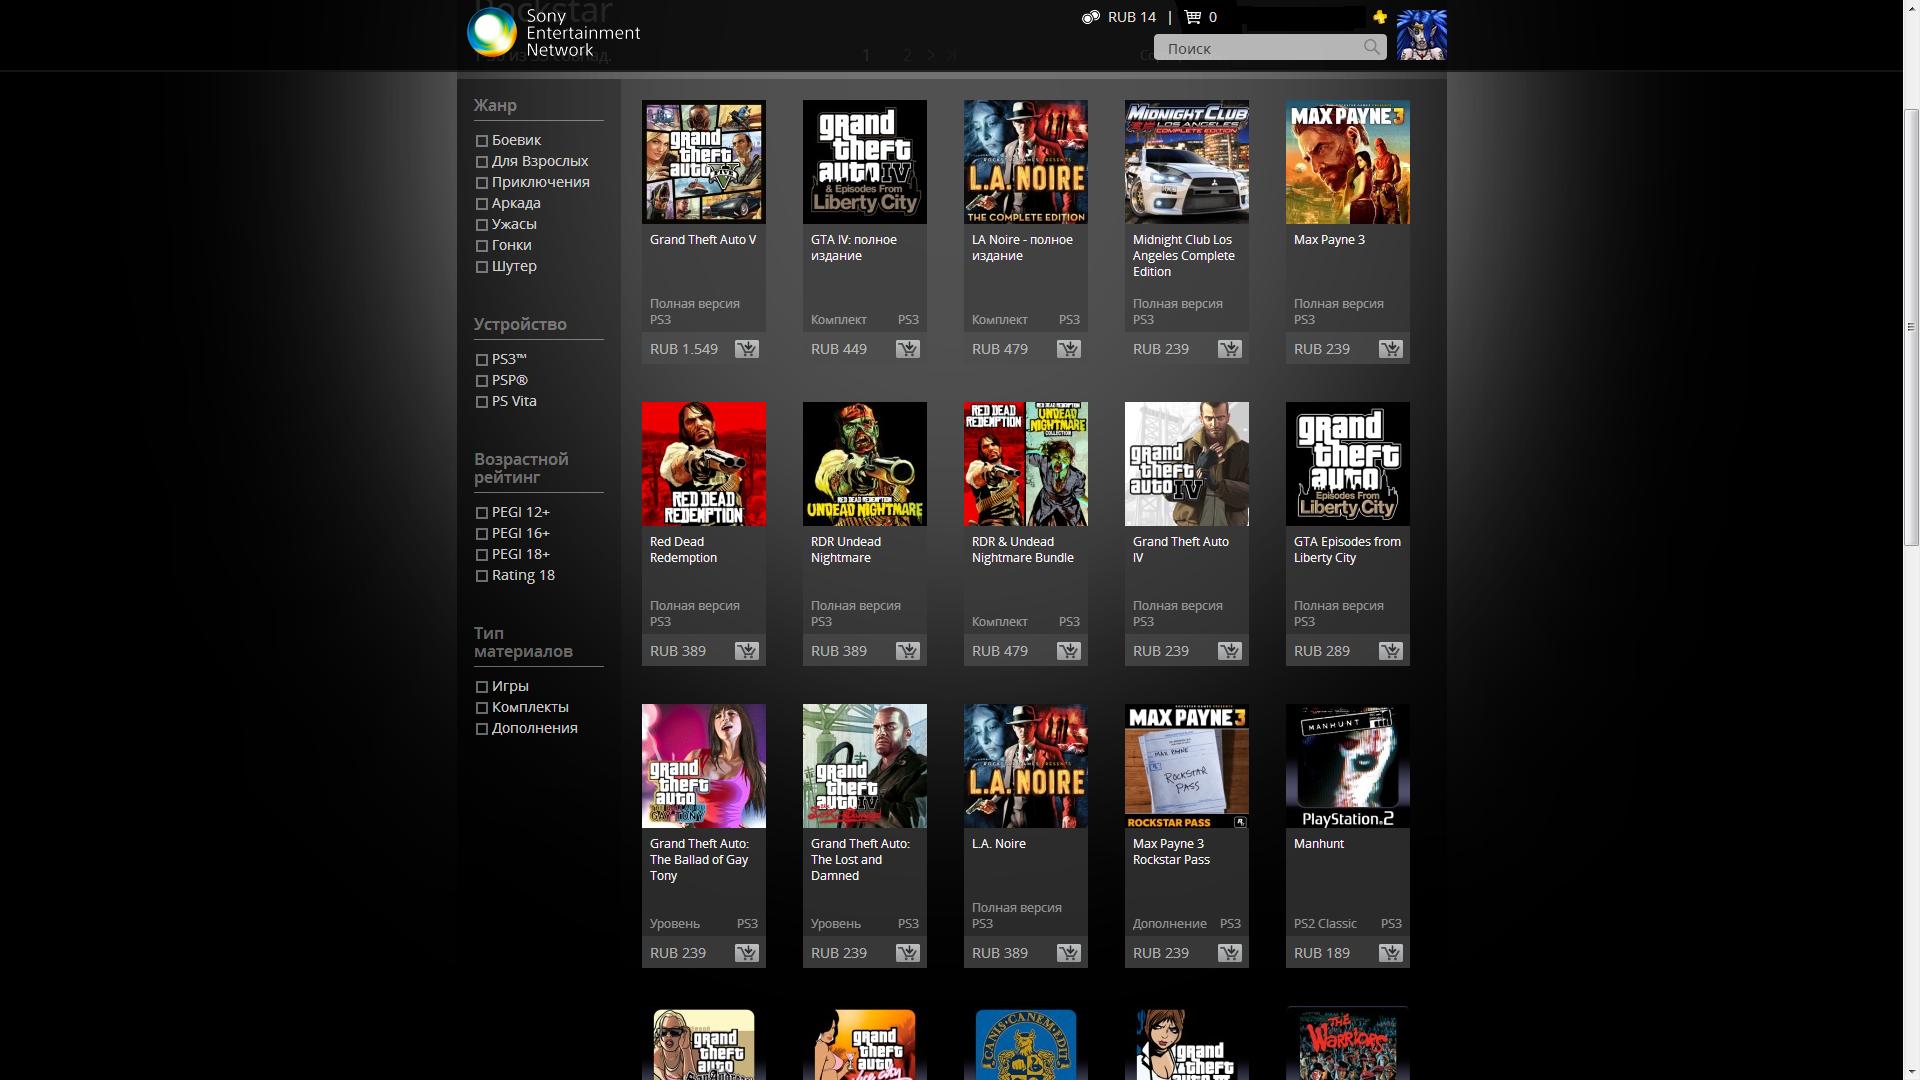 В PSN/SEN началась распродажа игр от Rockstar. Абсолютно все игры, включая прошлогоднюю GTA V  - Изображение 1